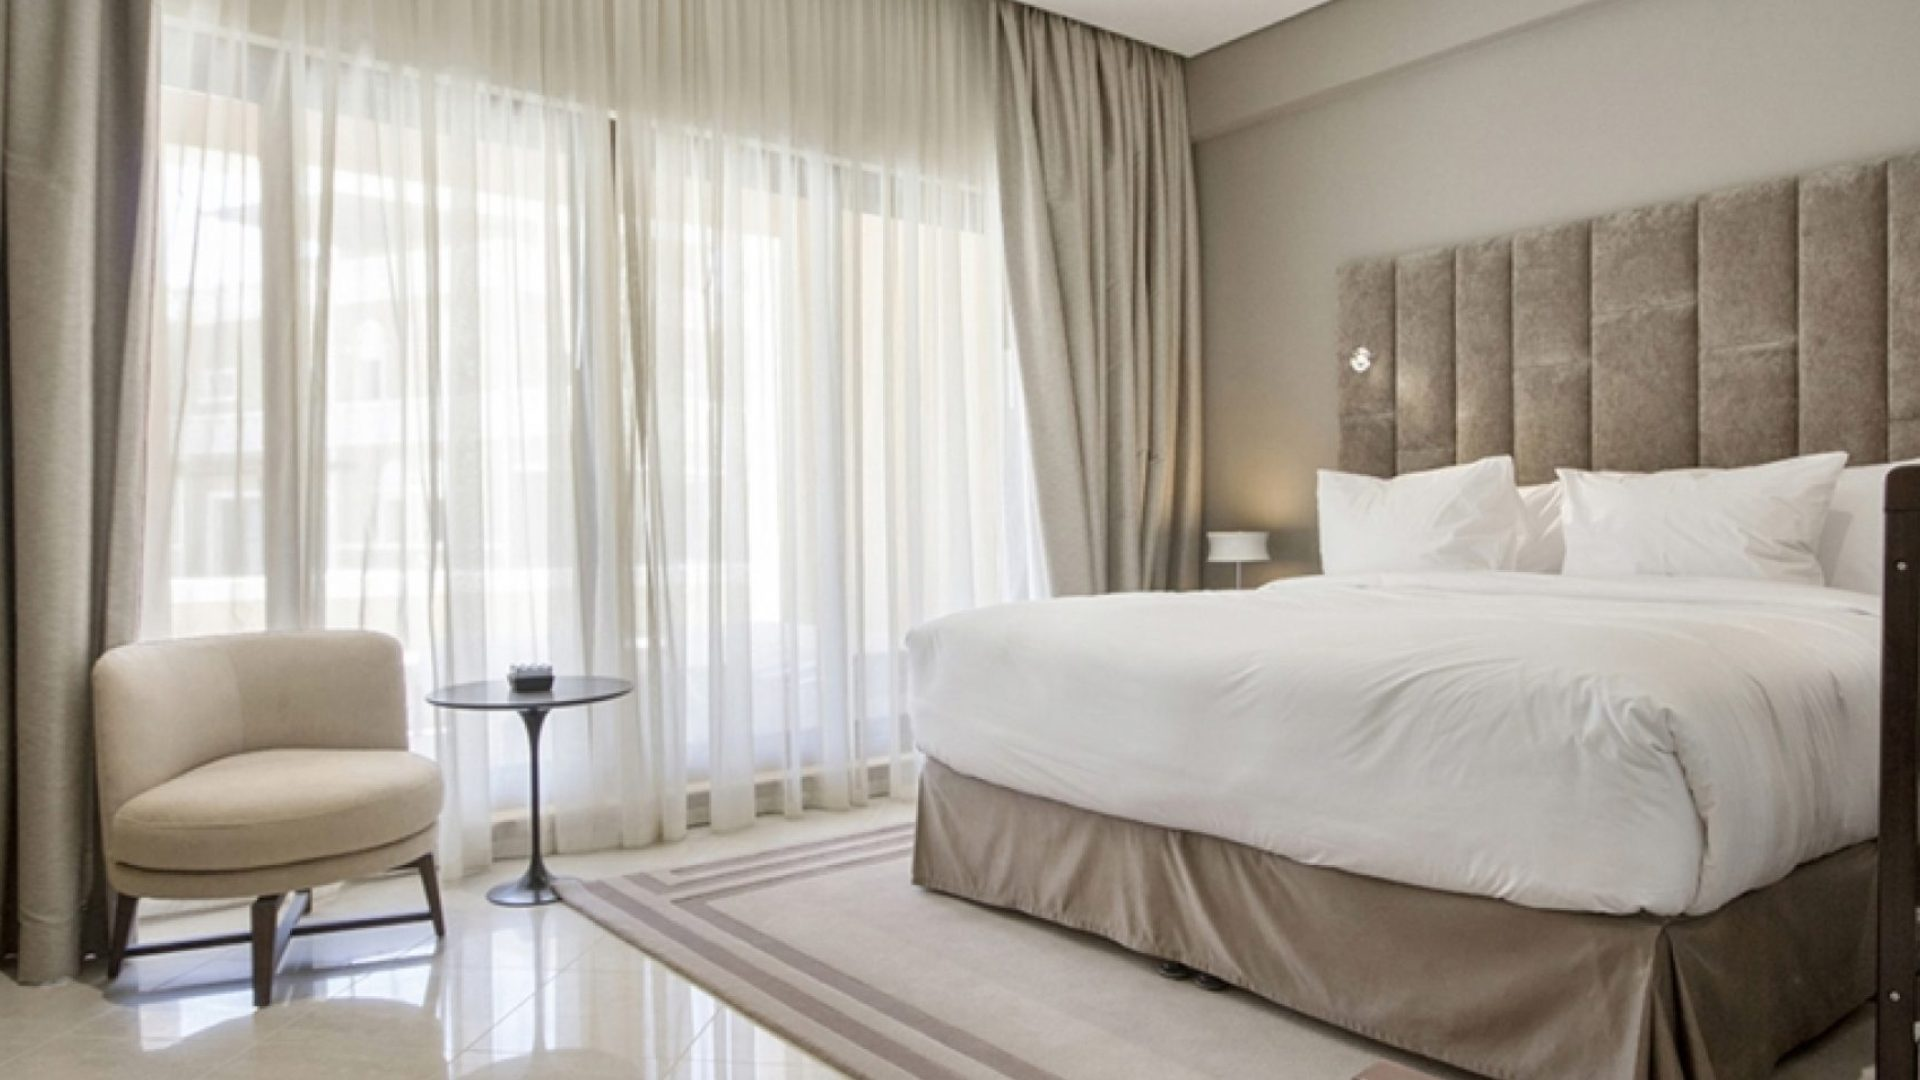 Villa en venta en Dubai, EAU, 6 dormitorios, 1298 m2, № 24473 – foto 6